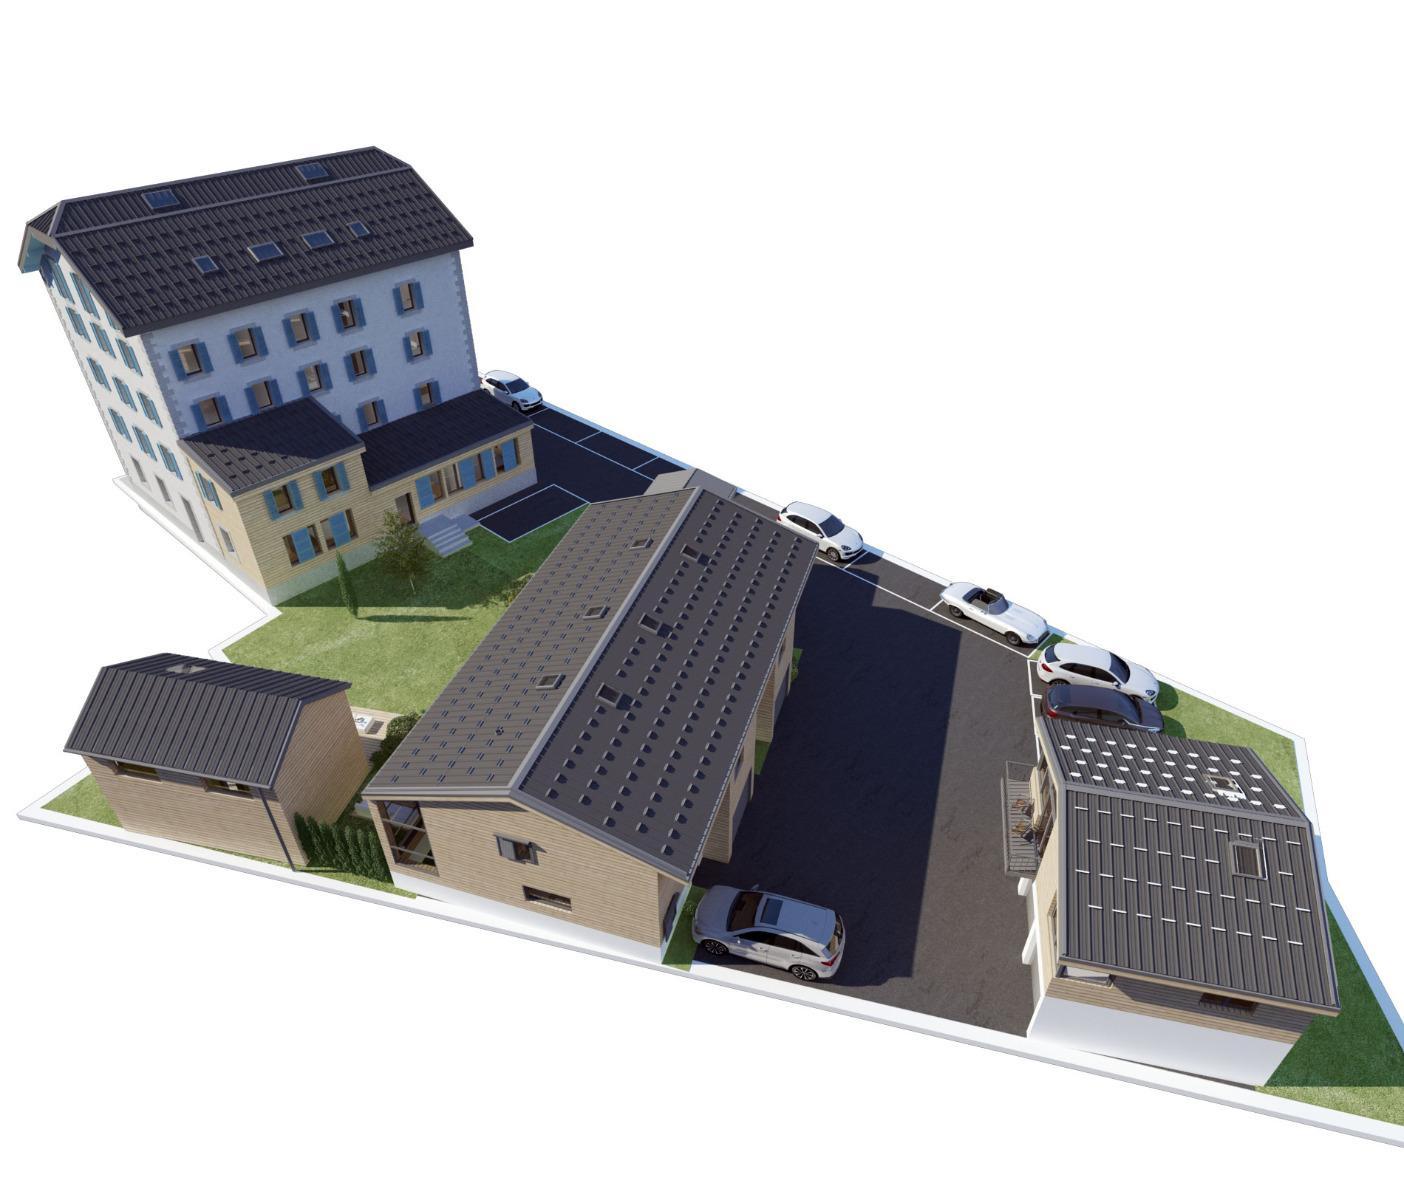 <p>Plateau de 110 m² et à aménager au rez-de-chaussée d'un immeuble en cours de rénovation. Possibilité de créer un appartement avec trois chambres.